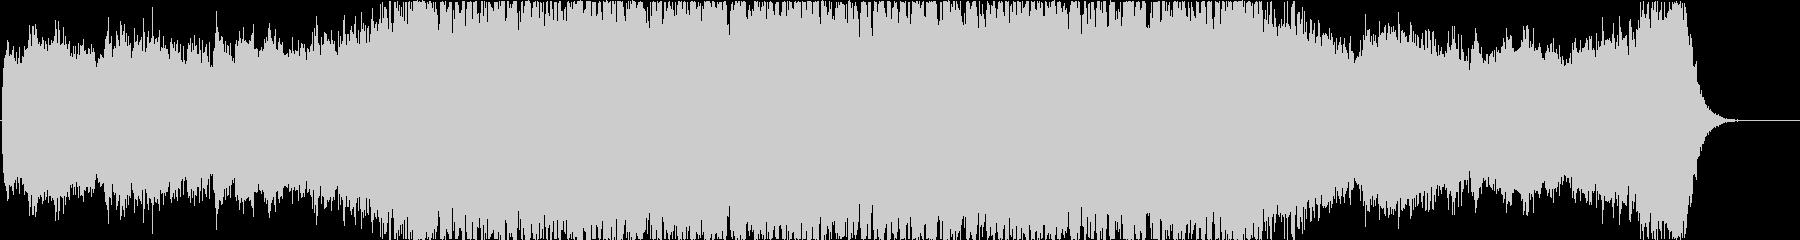 ファンタジー ゲーム OP 001の未再生の波形